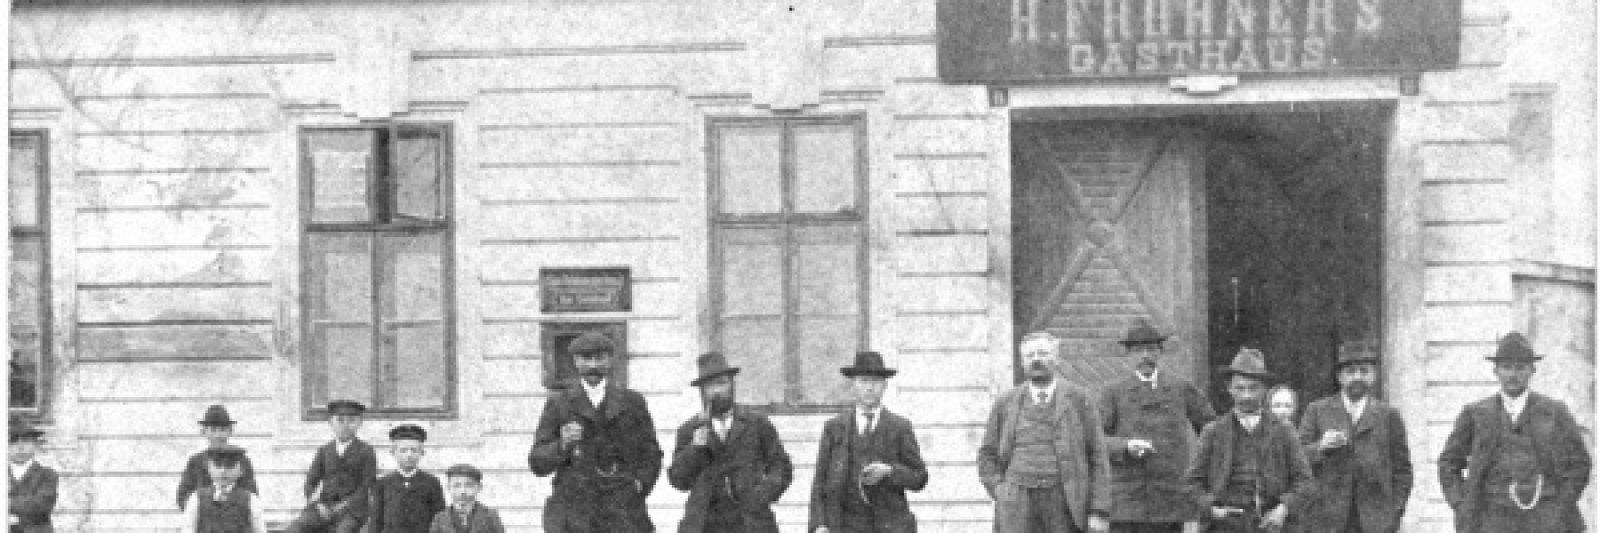 Gasthaus Frohner 1895